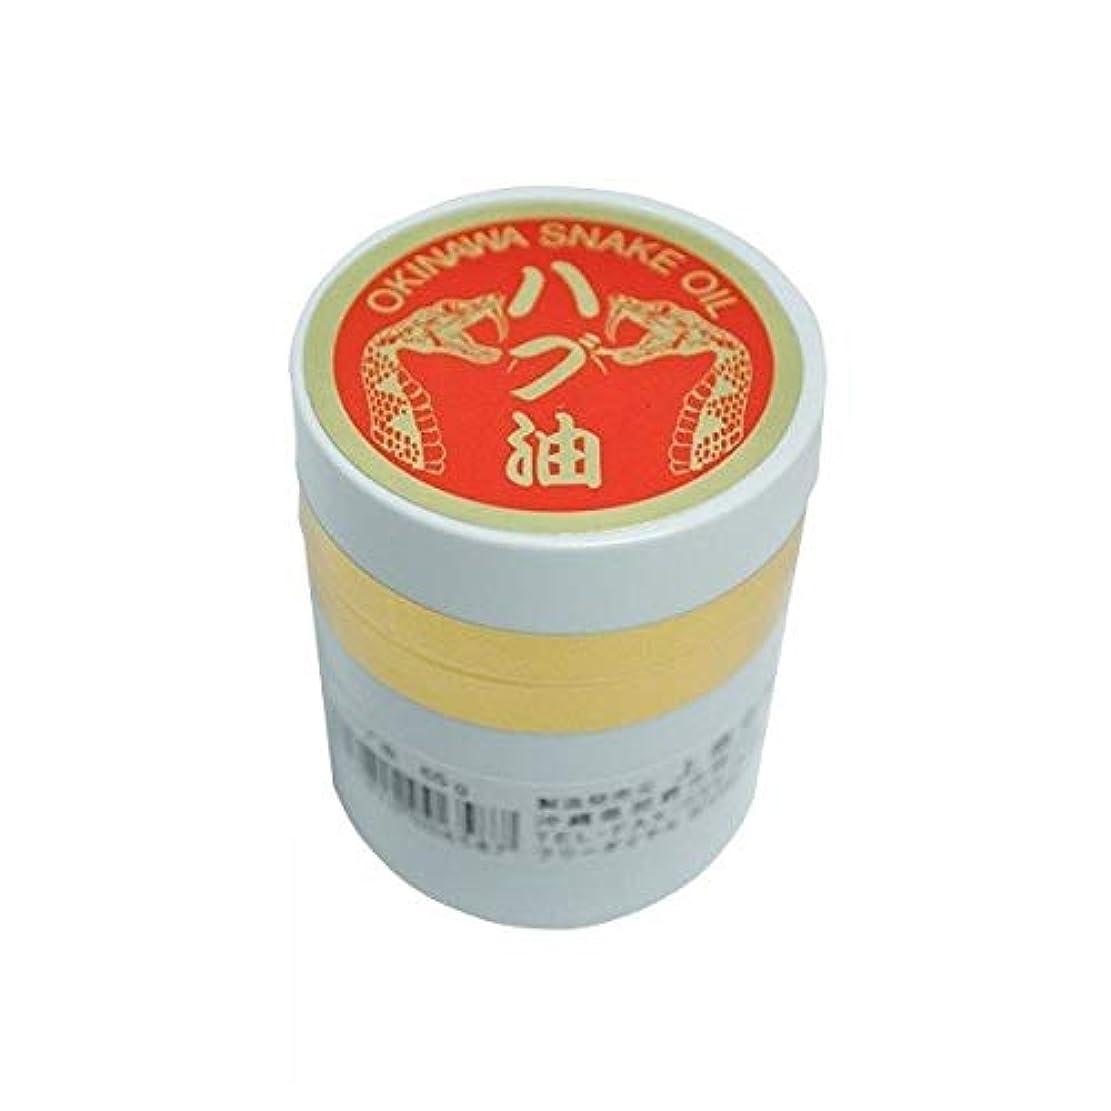 オートメーションプログラム却下する沖縄産 ハブ油 65g 軟膏タイプ